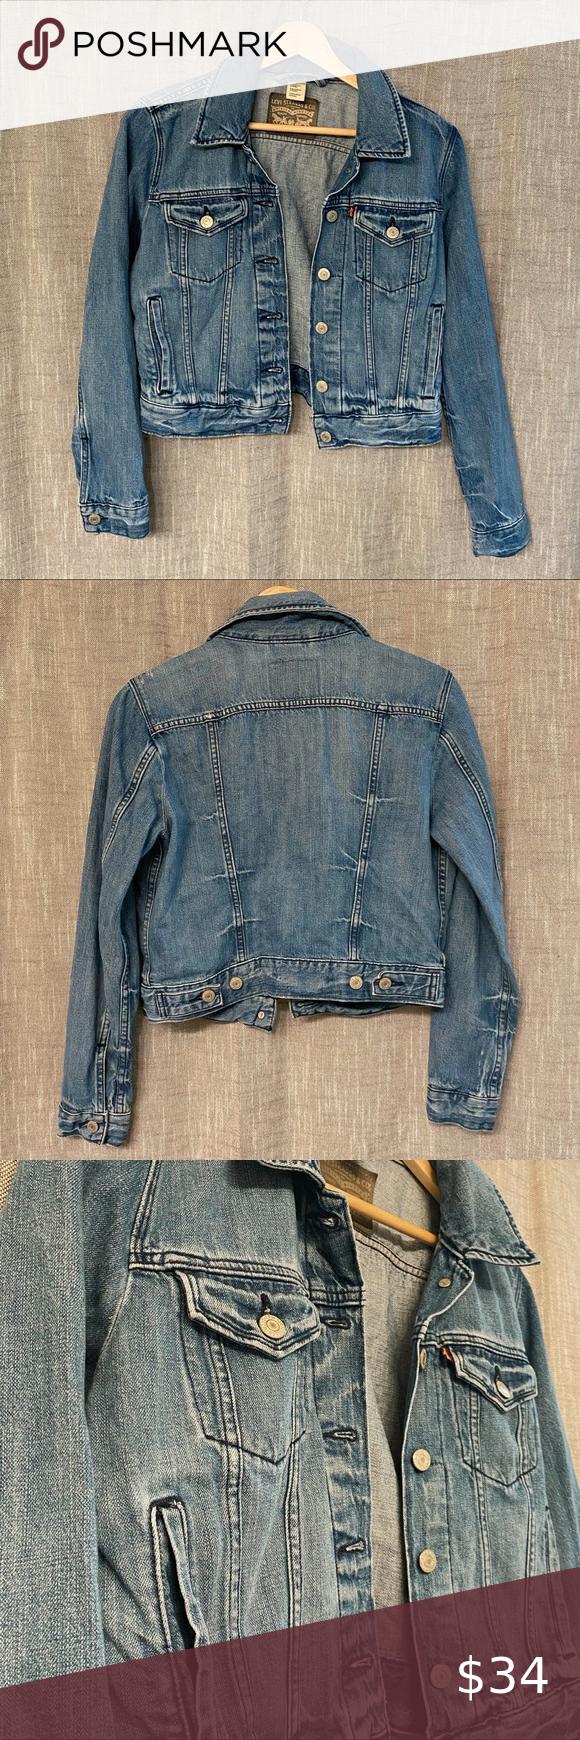 Levi S Trucker Denim Jacket Blue Tie Dye Dress Denim Jacket Women Flannel Lined Jeans [ 1740 x 580 Pixel ]